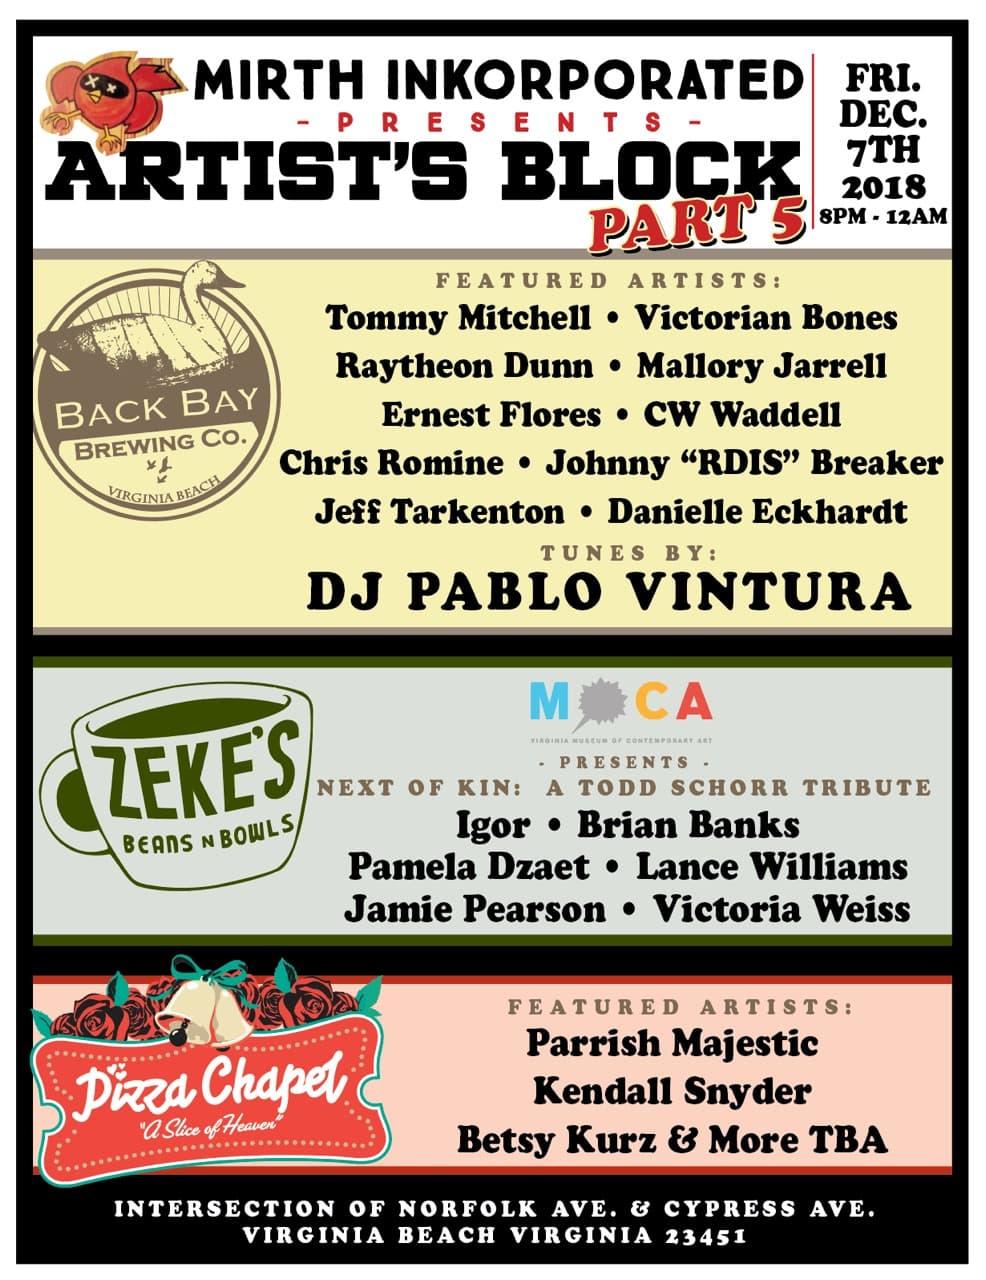 Art Block 5 Dec 18